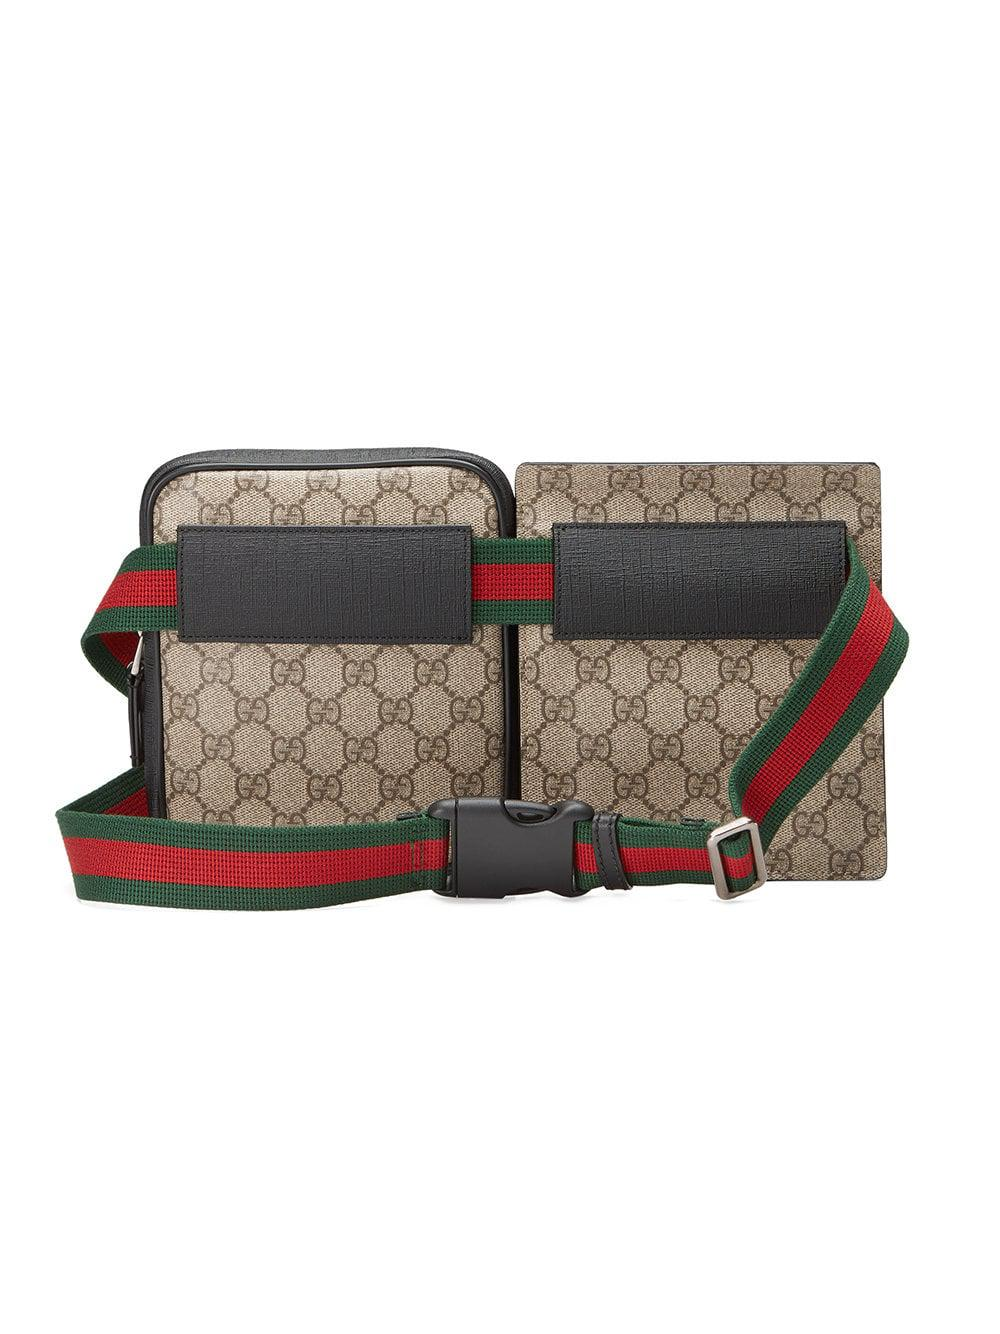 232031a870 Sac ceinture en toile Suprême GG Gucci pour homme - Lyst